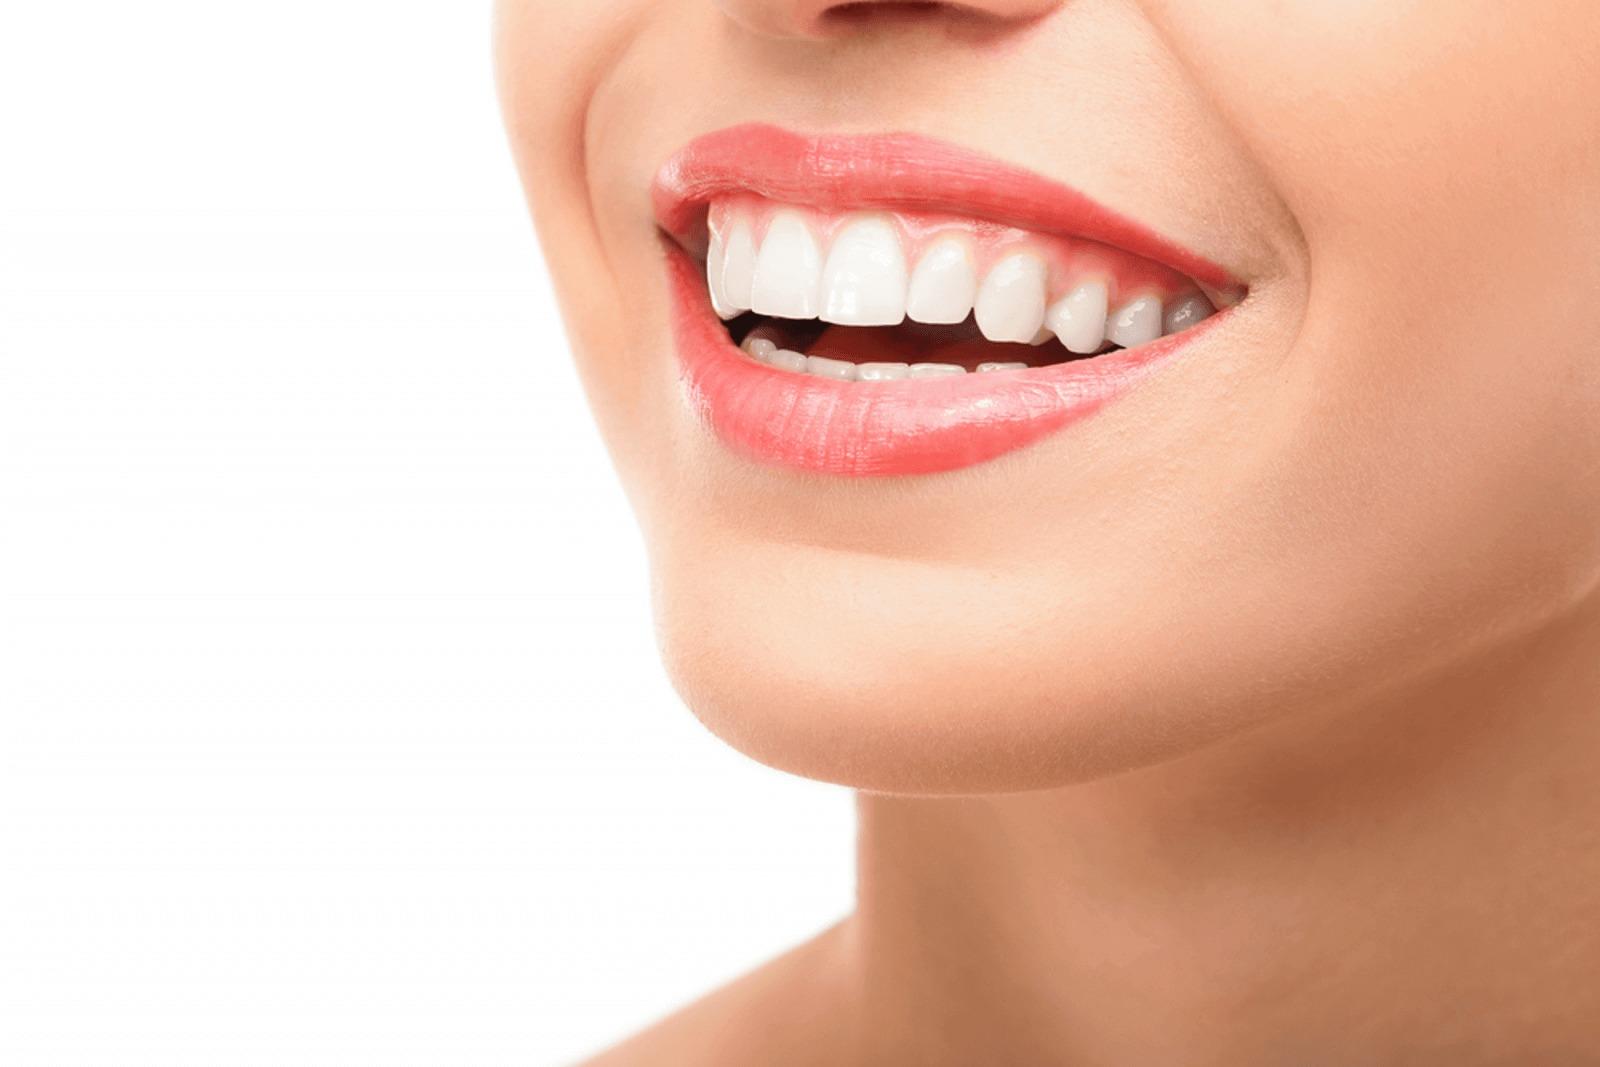 إليك أفضل 4 معلومات عن تجميل الاسنان بخميس مشيط الأخيرة ستدهشك I